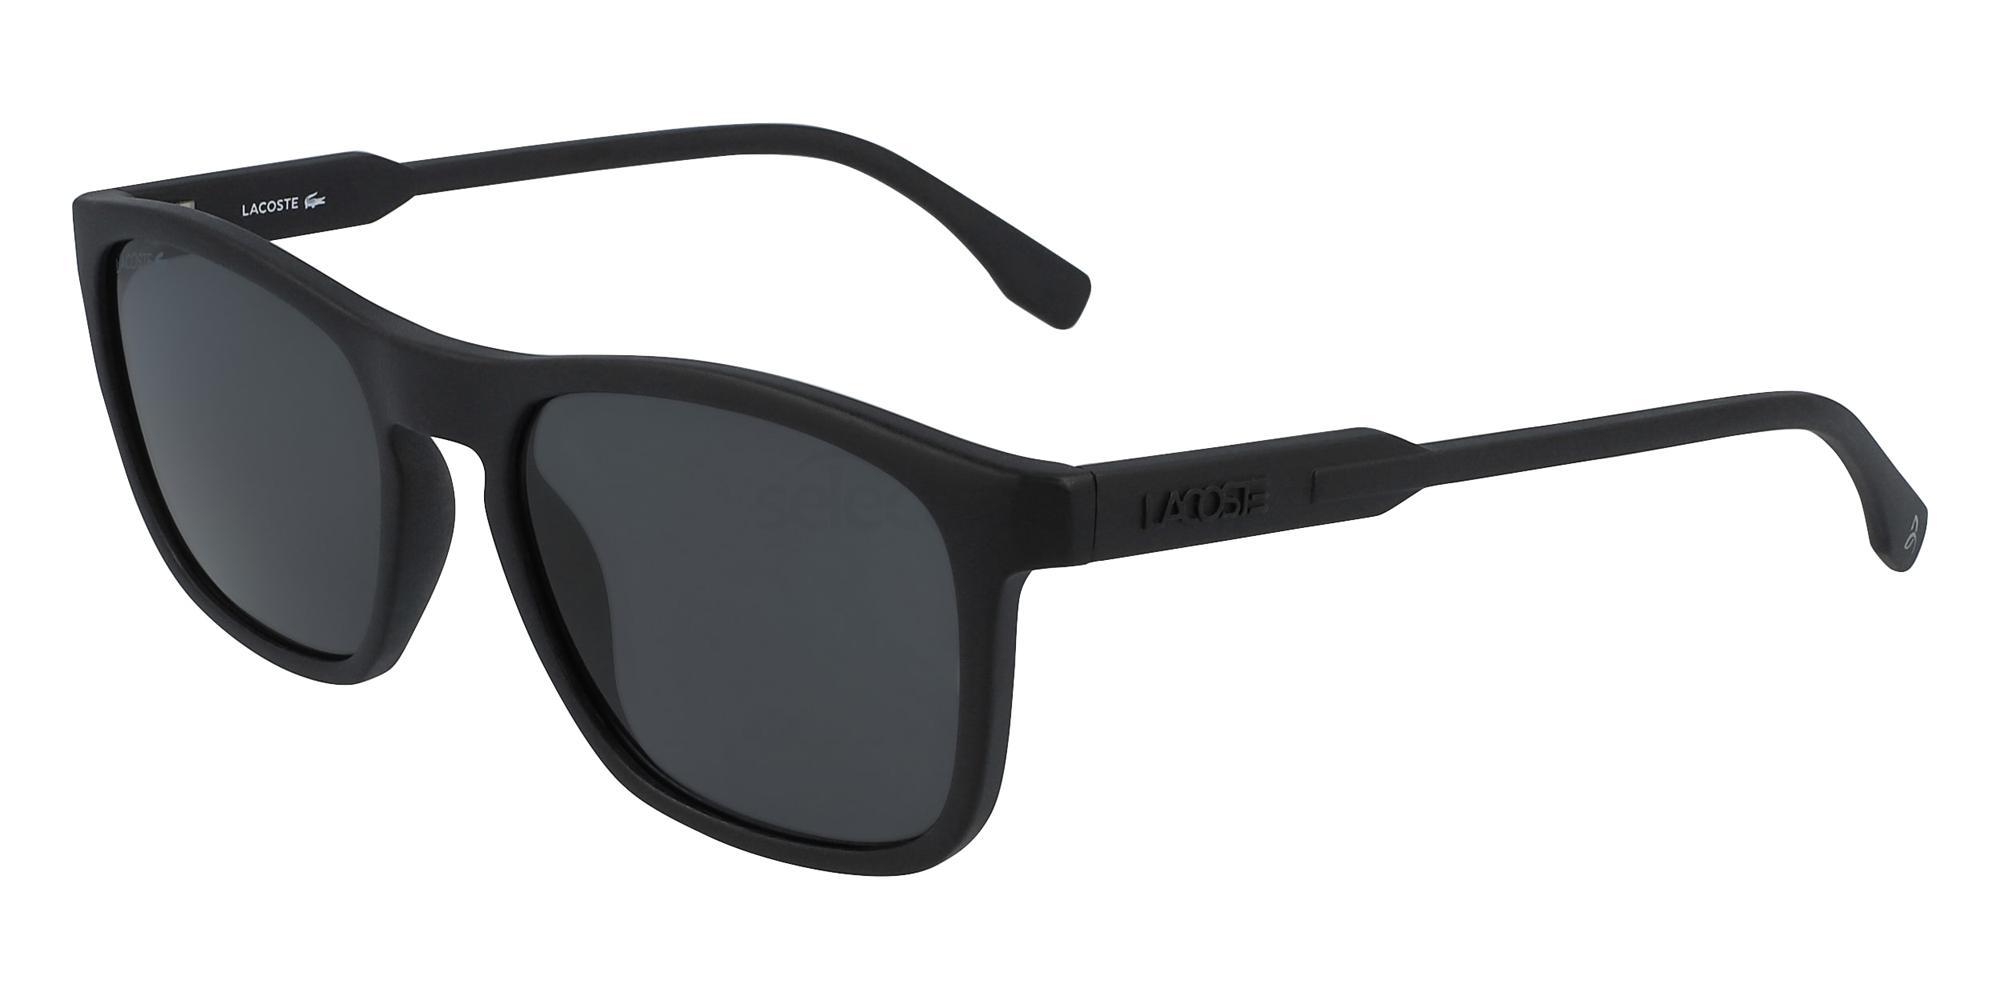 005 L604SNDP Sunglasses, Lacoste